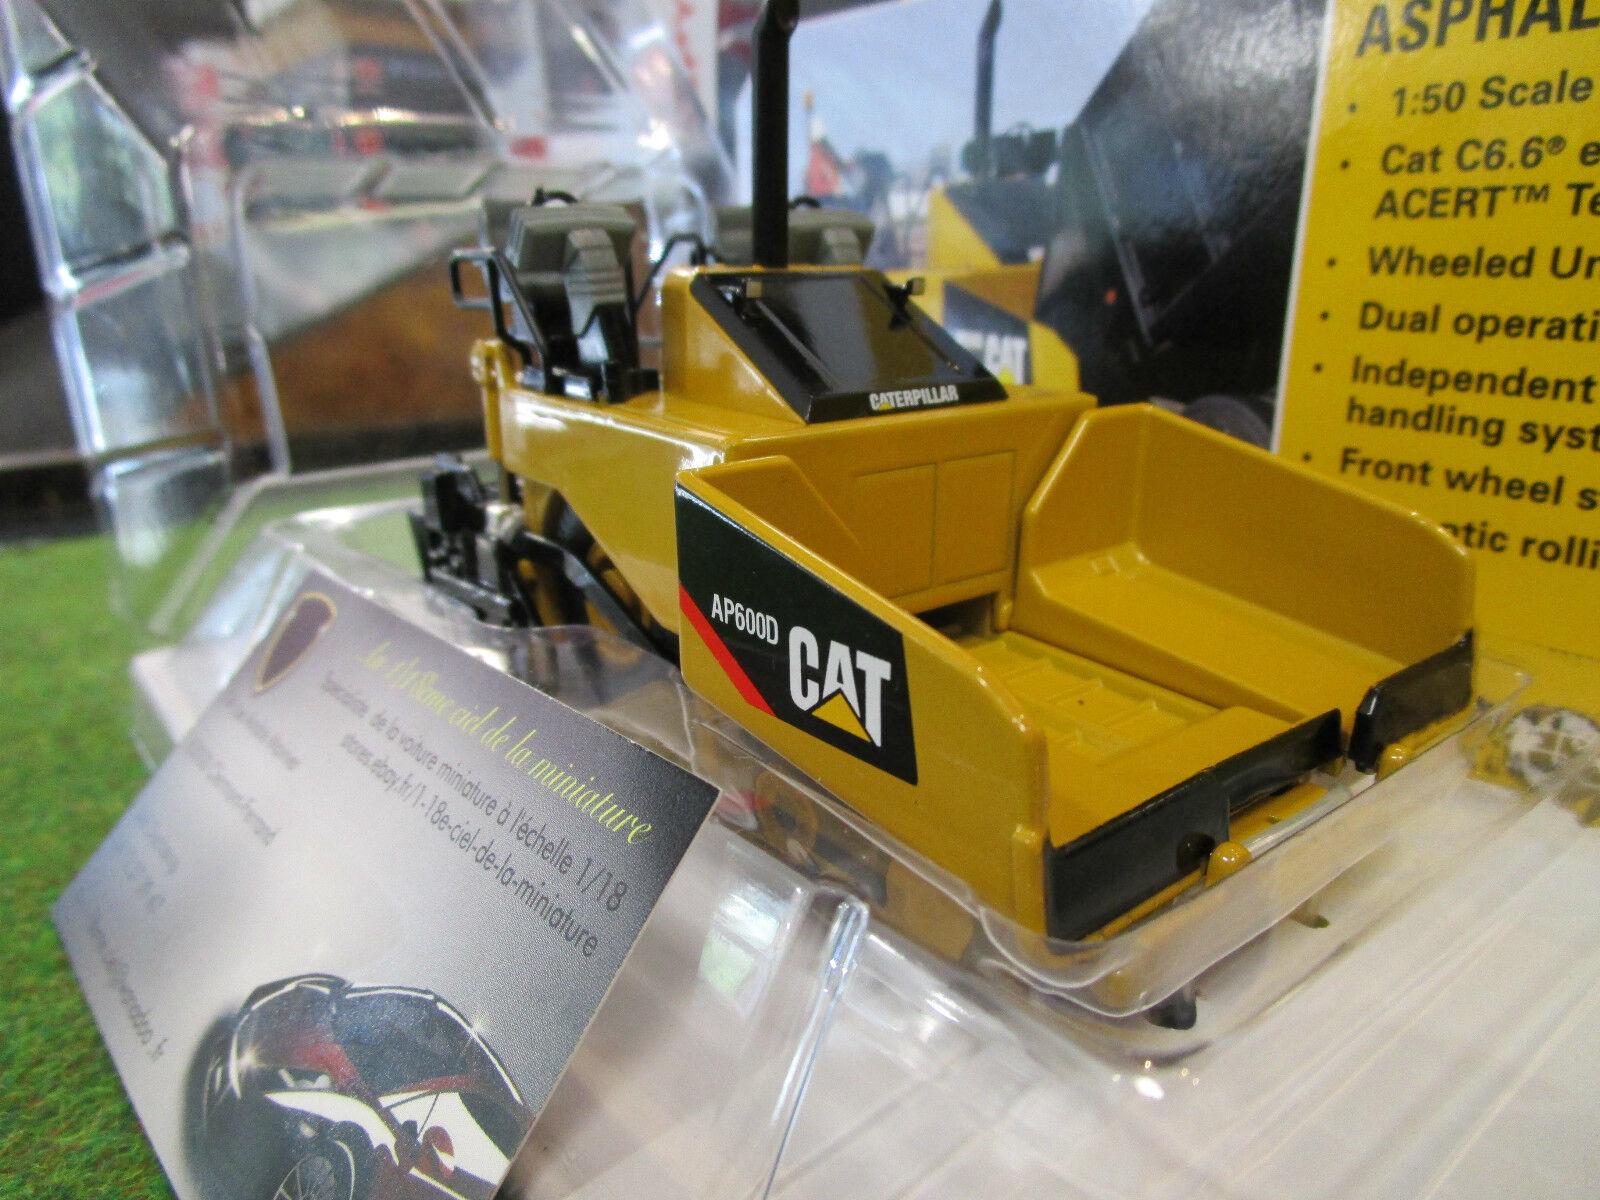 CATERPILLAR CAT AP600D ASPHALT PAVER ASPHALTEUSE 1 50 NORSCOT  55259 TP  pas de minimum